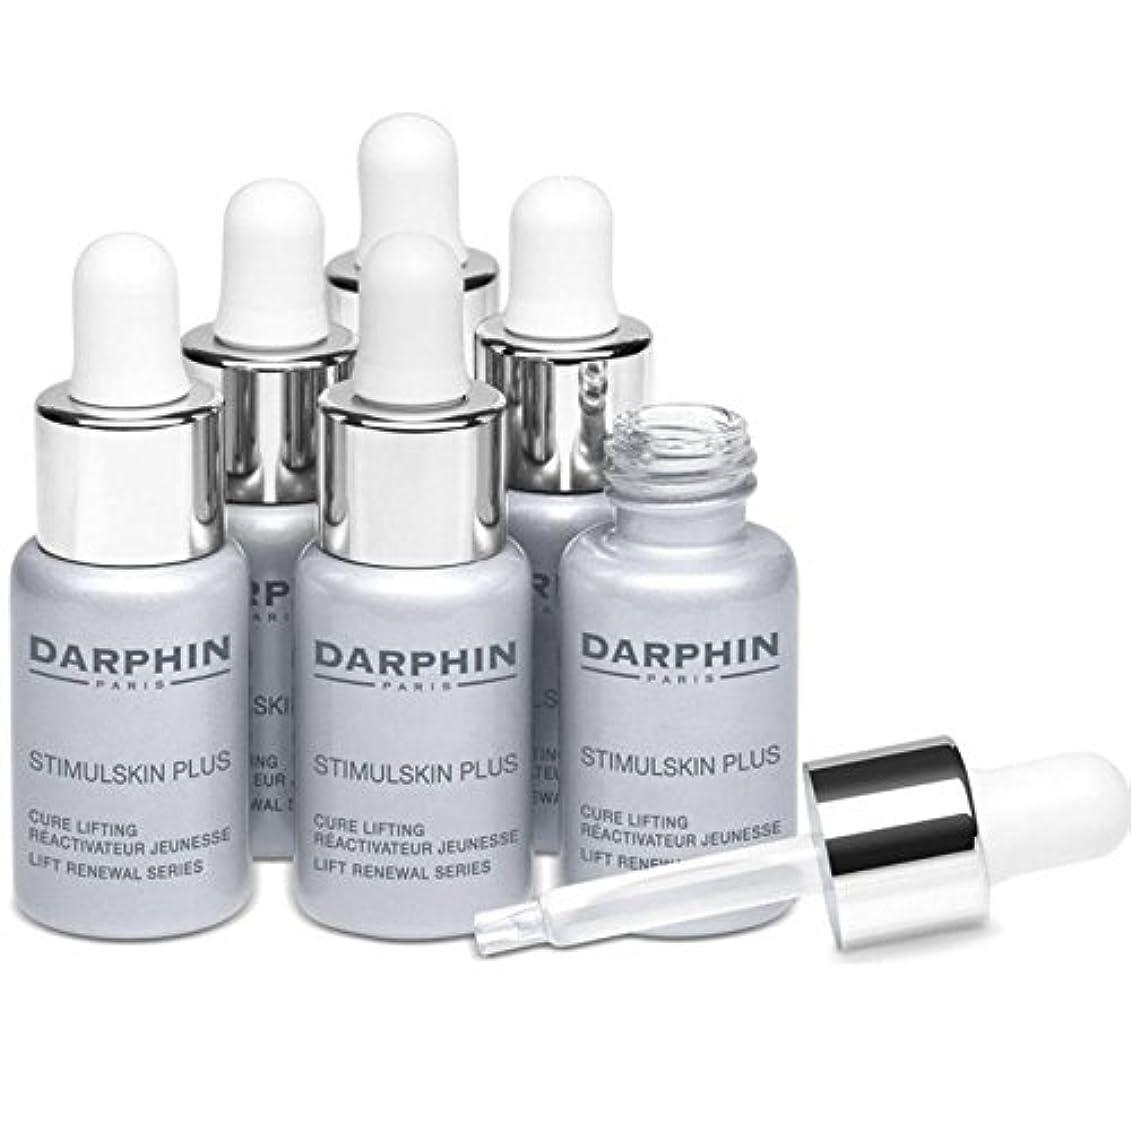 アクセル墓ファランクスダルファンスティプラスリフトリニューアルシリーズ x4 - Darphin Stimulskin Plus Lift Renewal Series (Pack of 4) [並行輸入品]